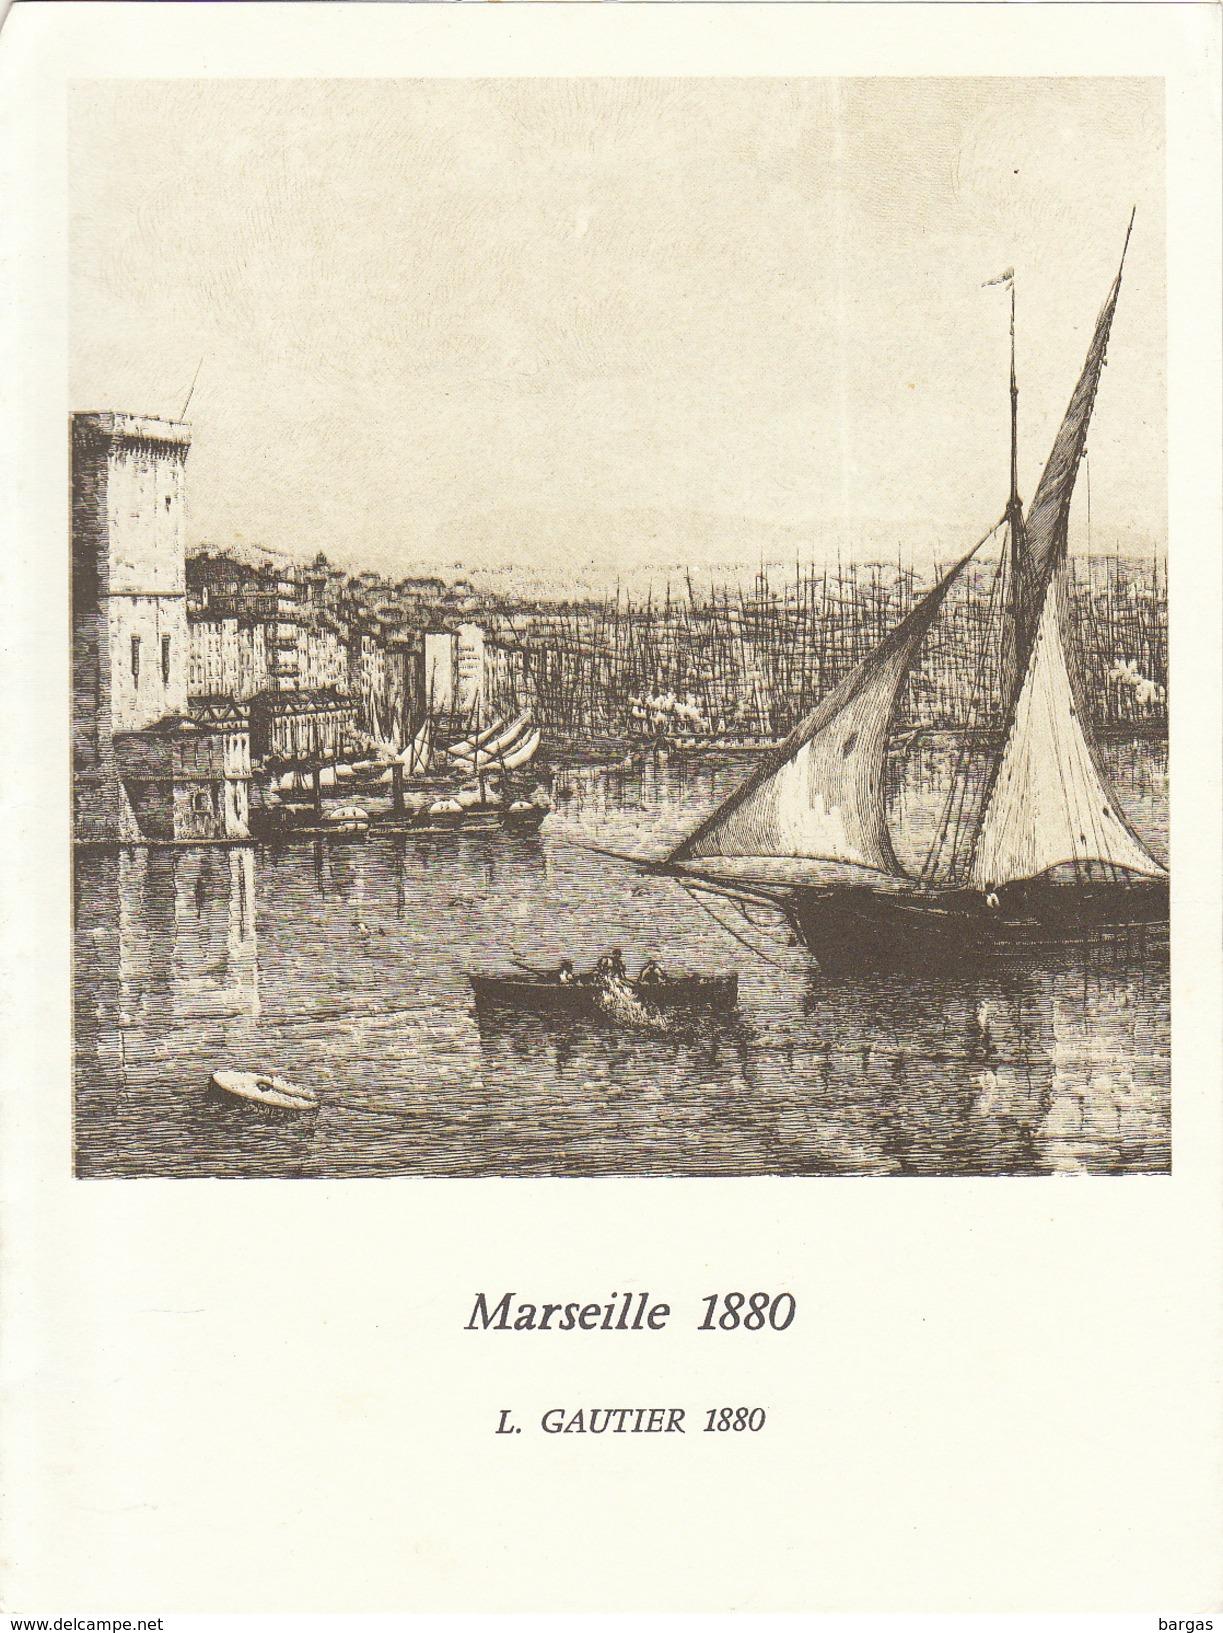 Menu Bateau Paquebot RENAISSANCE Illustration Marseille 1880 L. Gautier - Bateaux